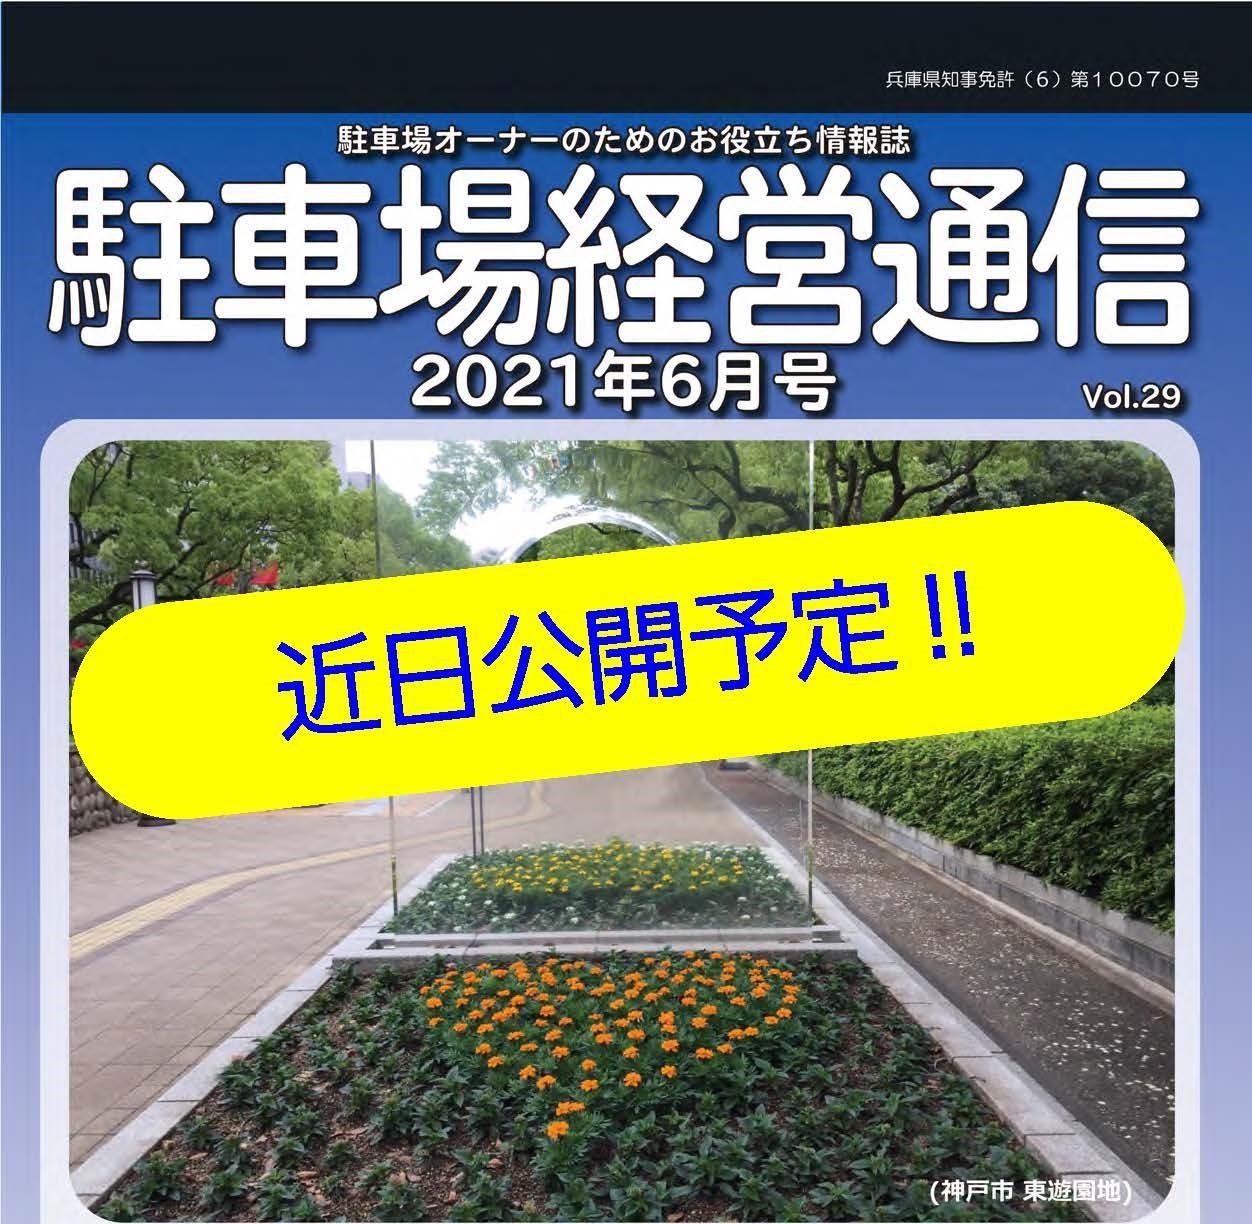 駐車場経営通信 2021年6月号発刊